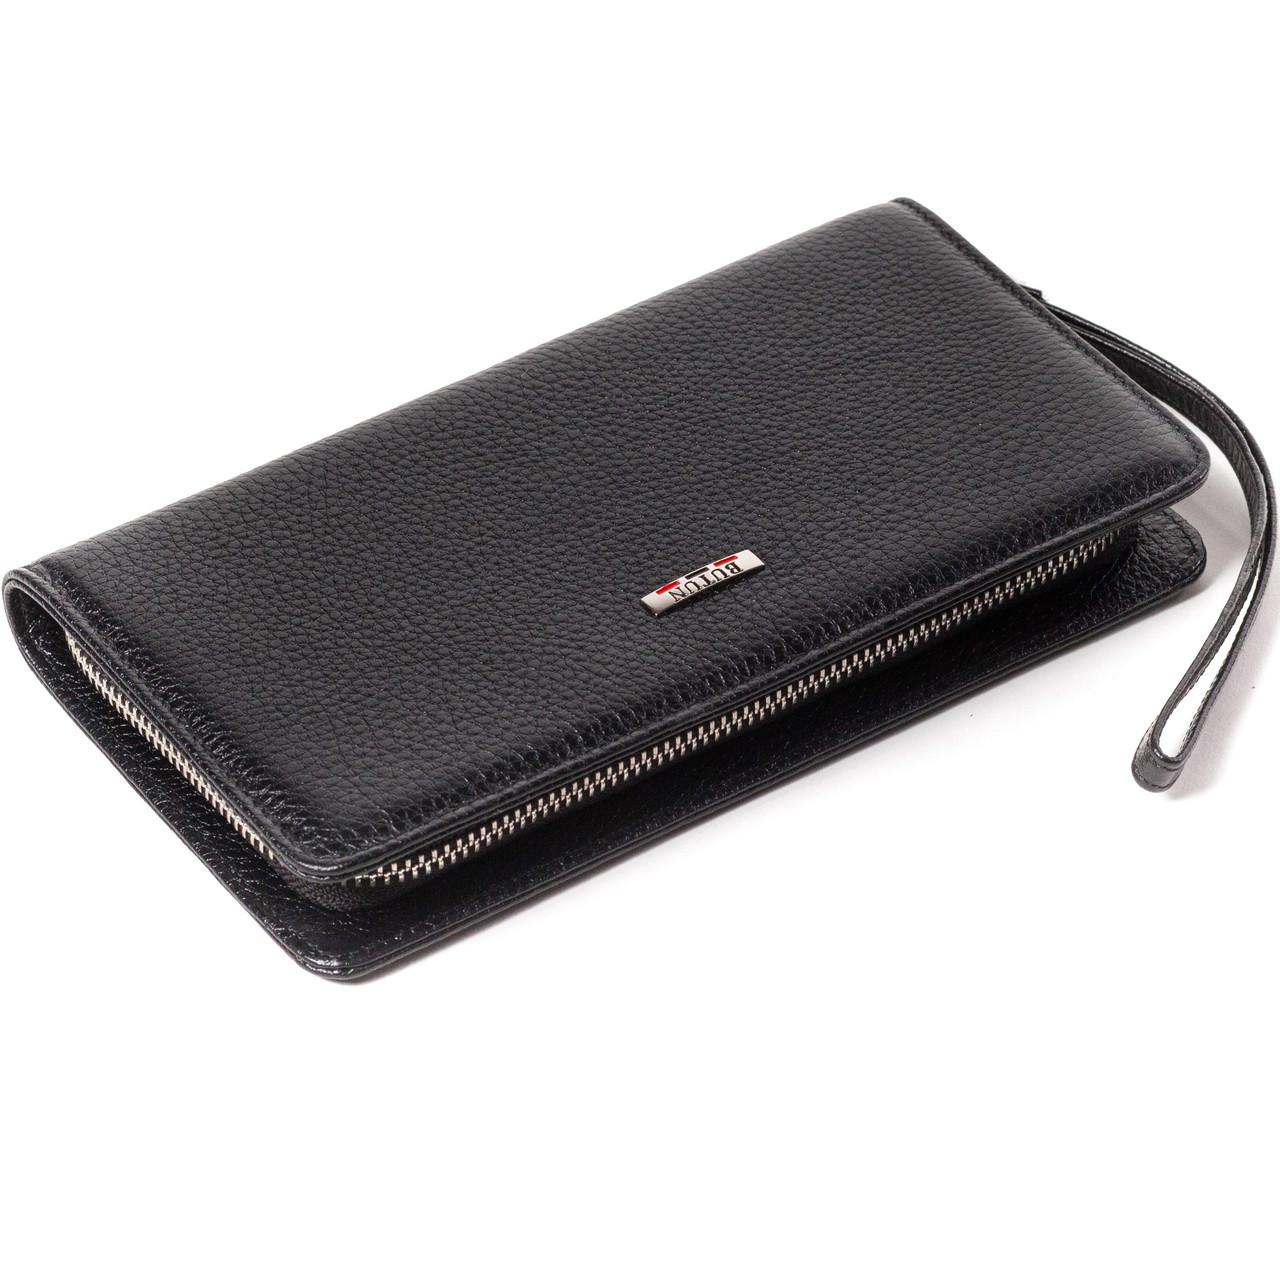 Мужской кошелек клатч на молнии BUTUN 096-004-001 кожаный черный